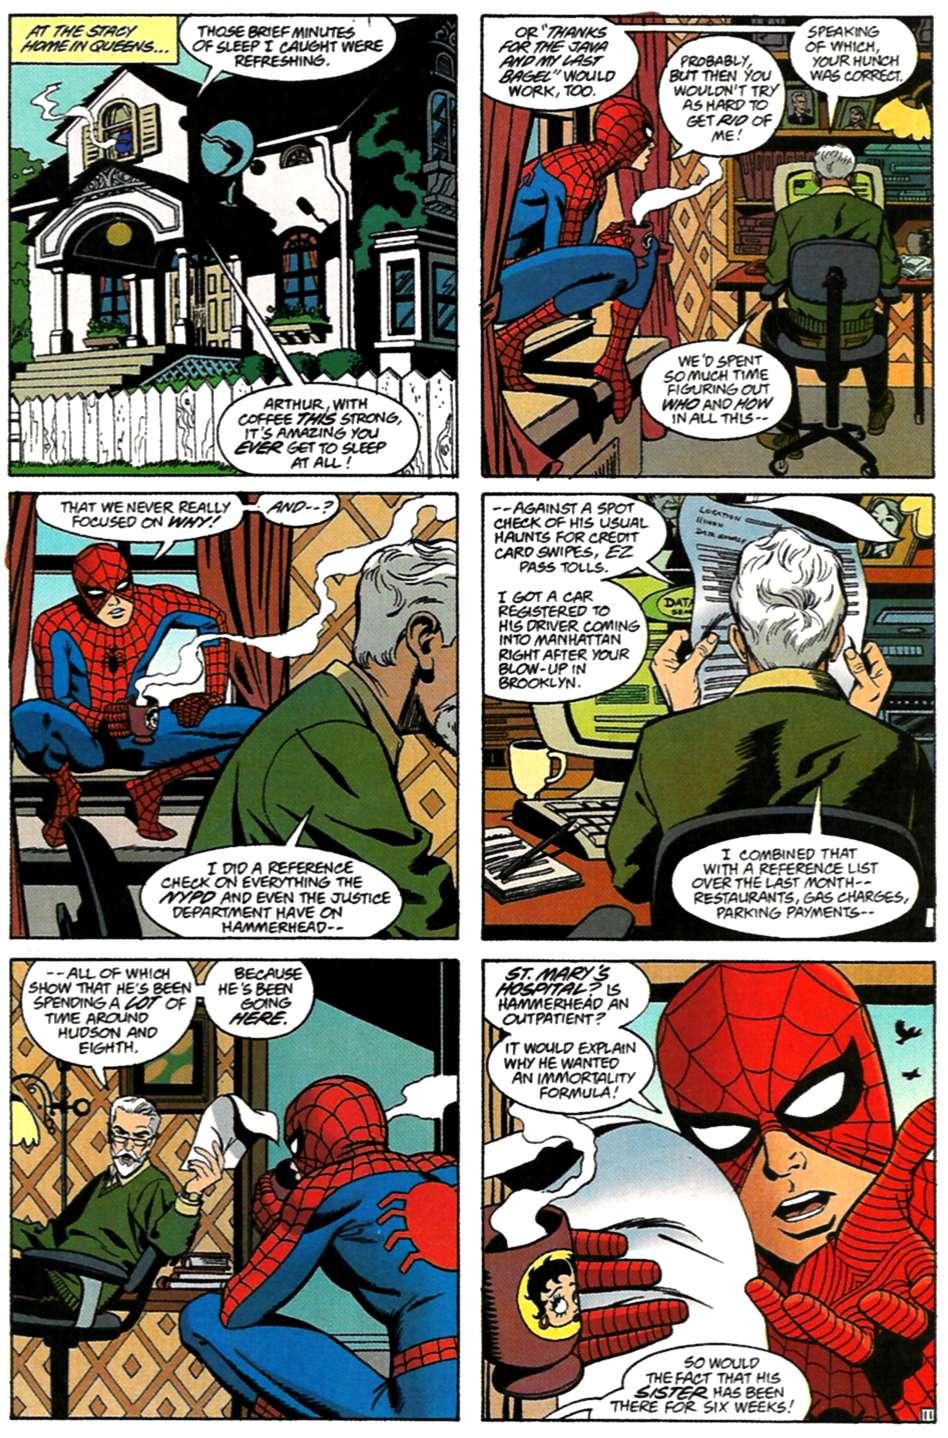 Read online Spider-Man: Lifeline comic -  Issue #3 - 12